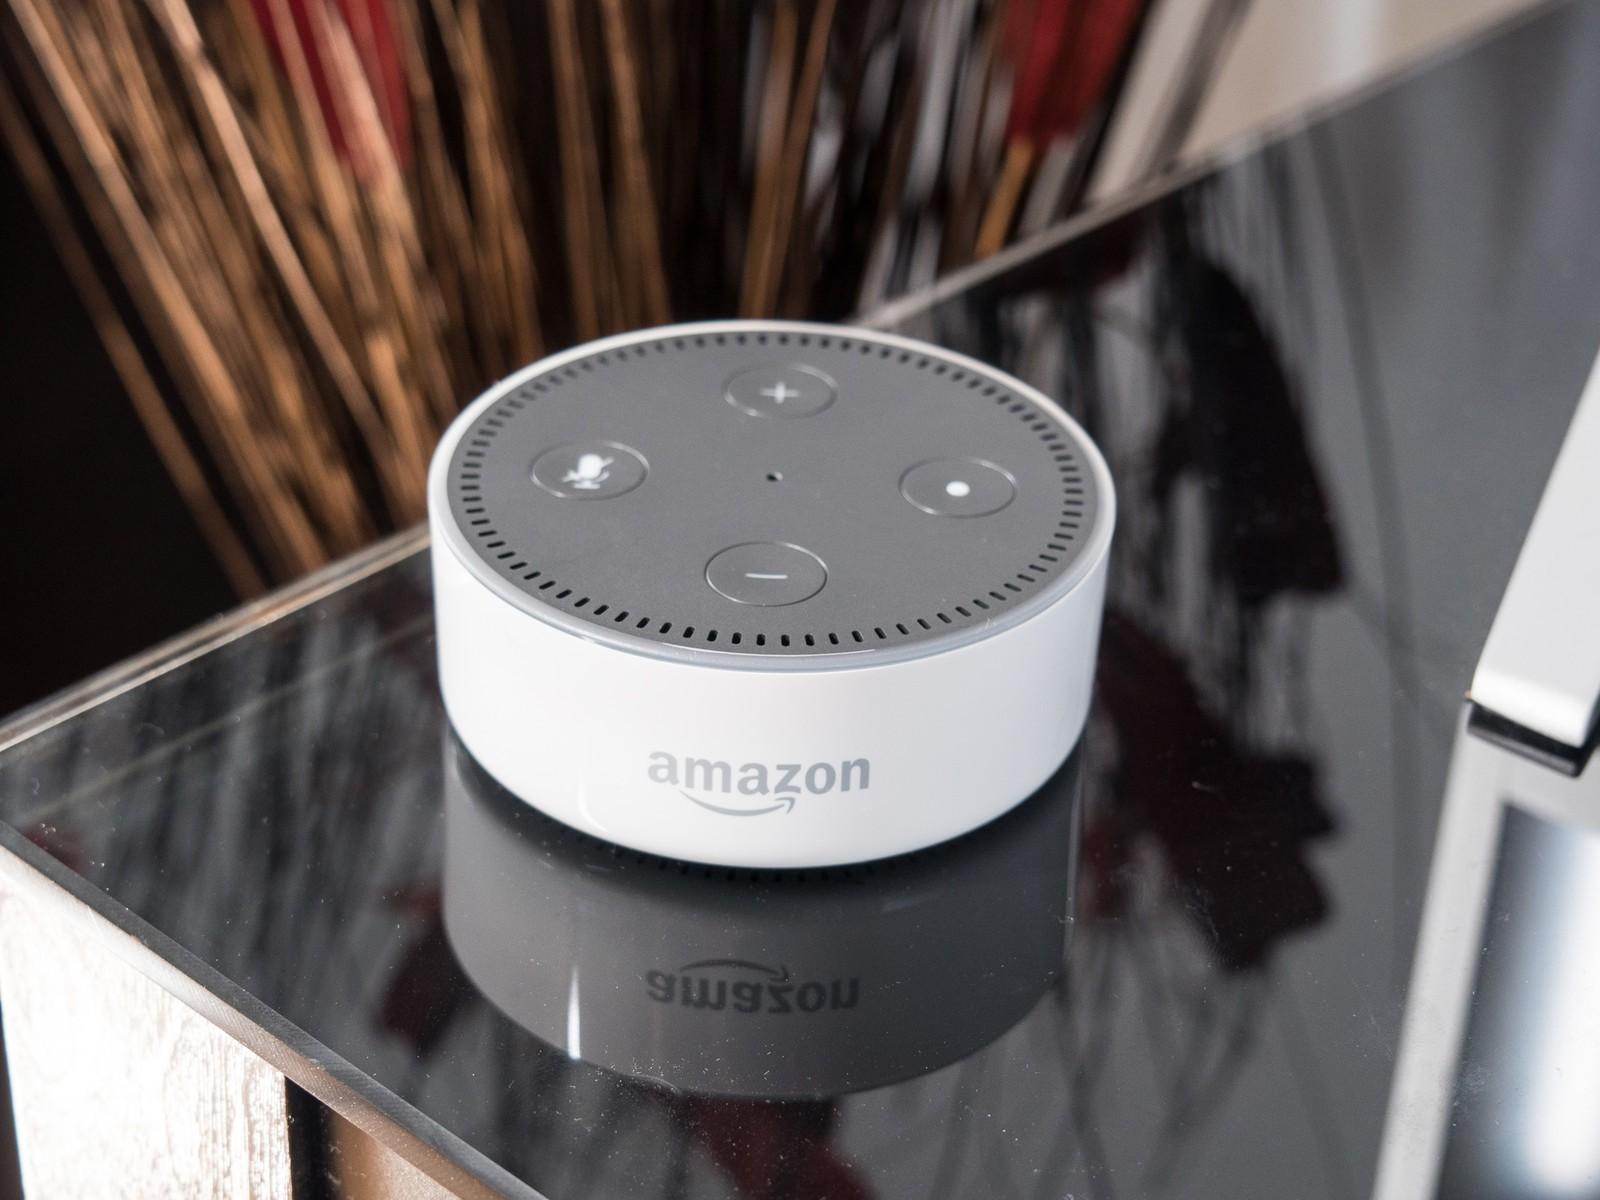 Что мы знаем об Amazon Alexa? Или первые впечатления от Amazon Echo Dot - 1